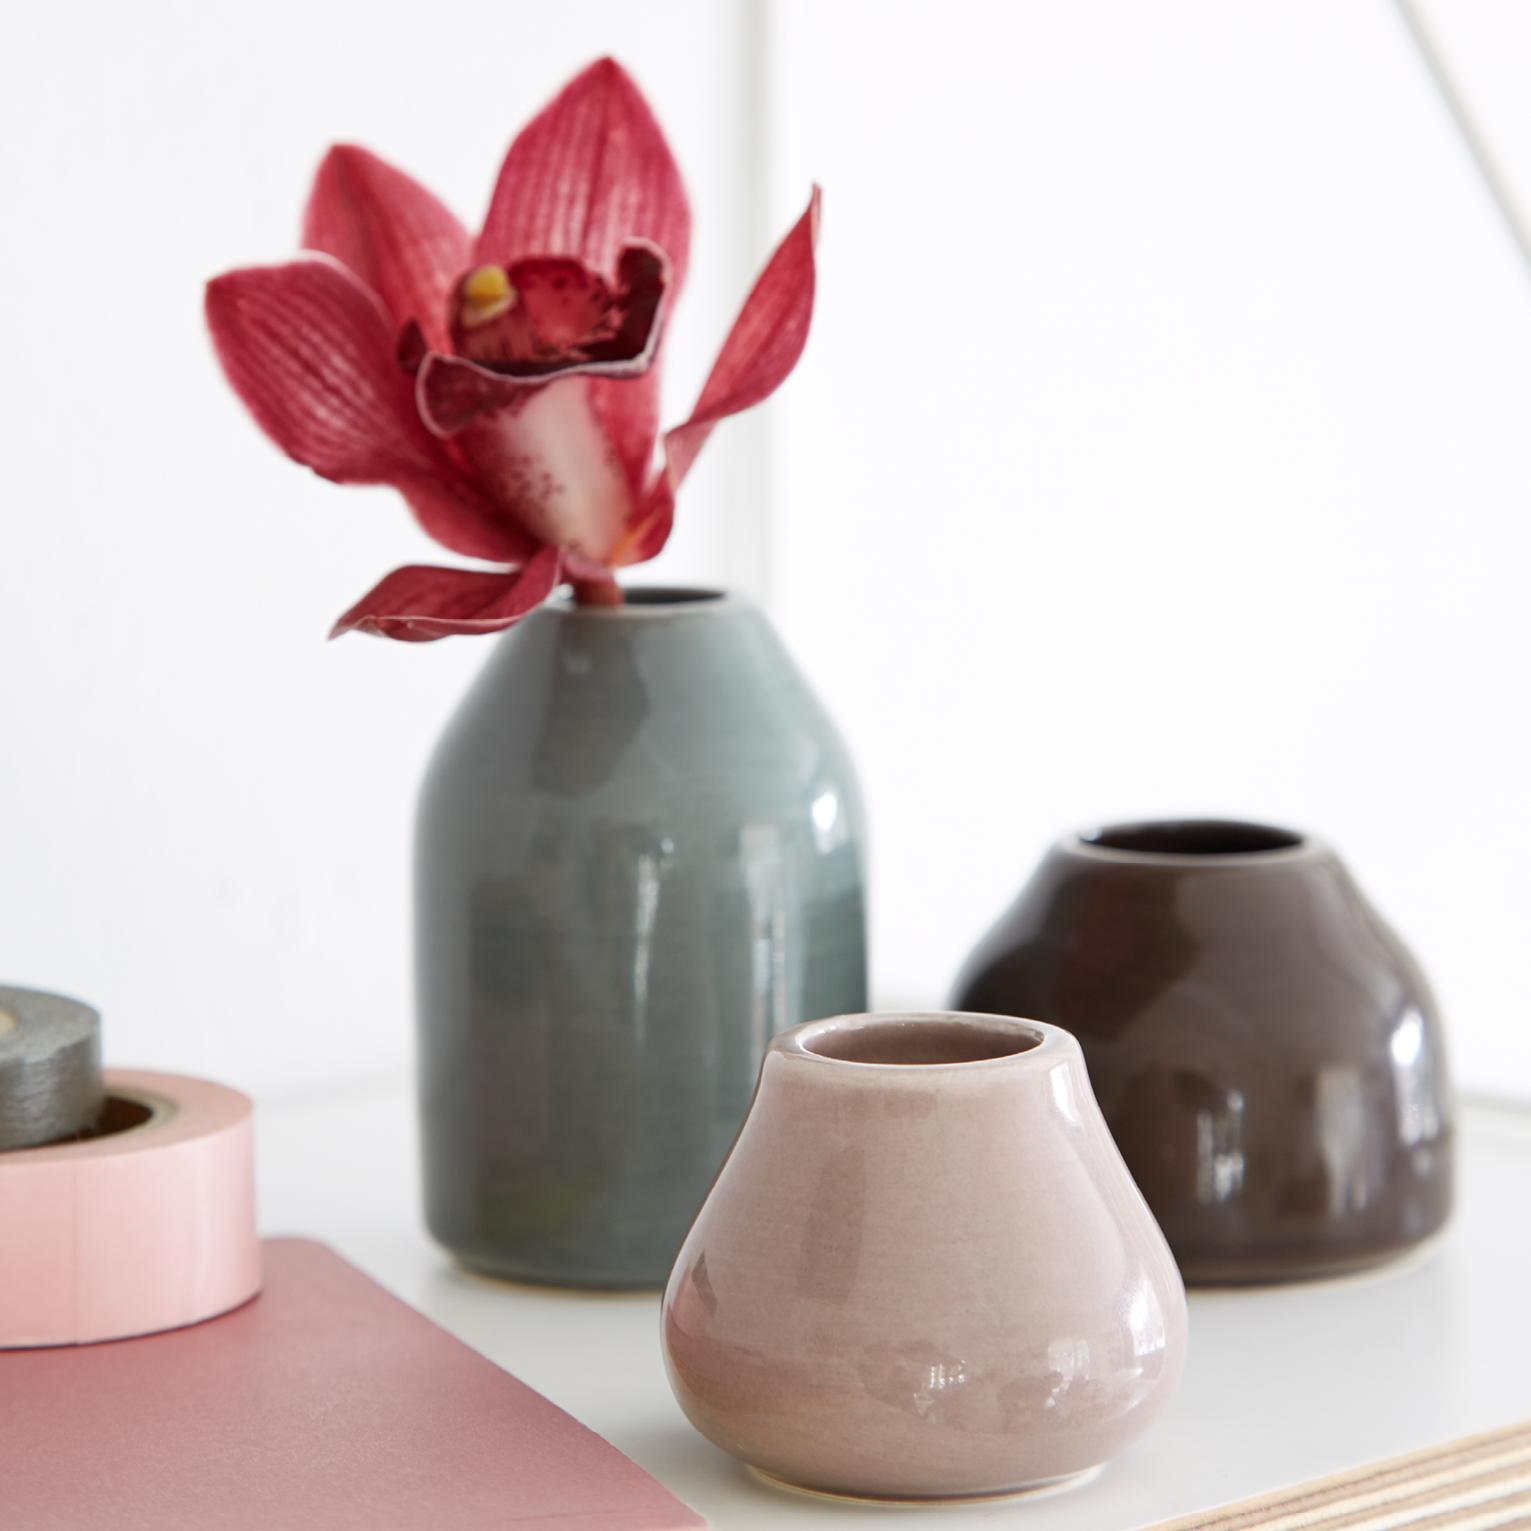 Kähler Designin Botanica-sarjan luonnonläheiset vaasit sopivat kodin niin arki- kuin juhlasisustukseenkin. Sarjan tuotteet sopivat täydellisesti yhteen ja niiden avulla luot kauniit kattaukset ja sommitelmat.